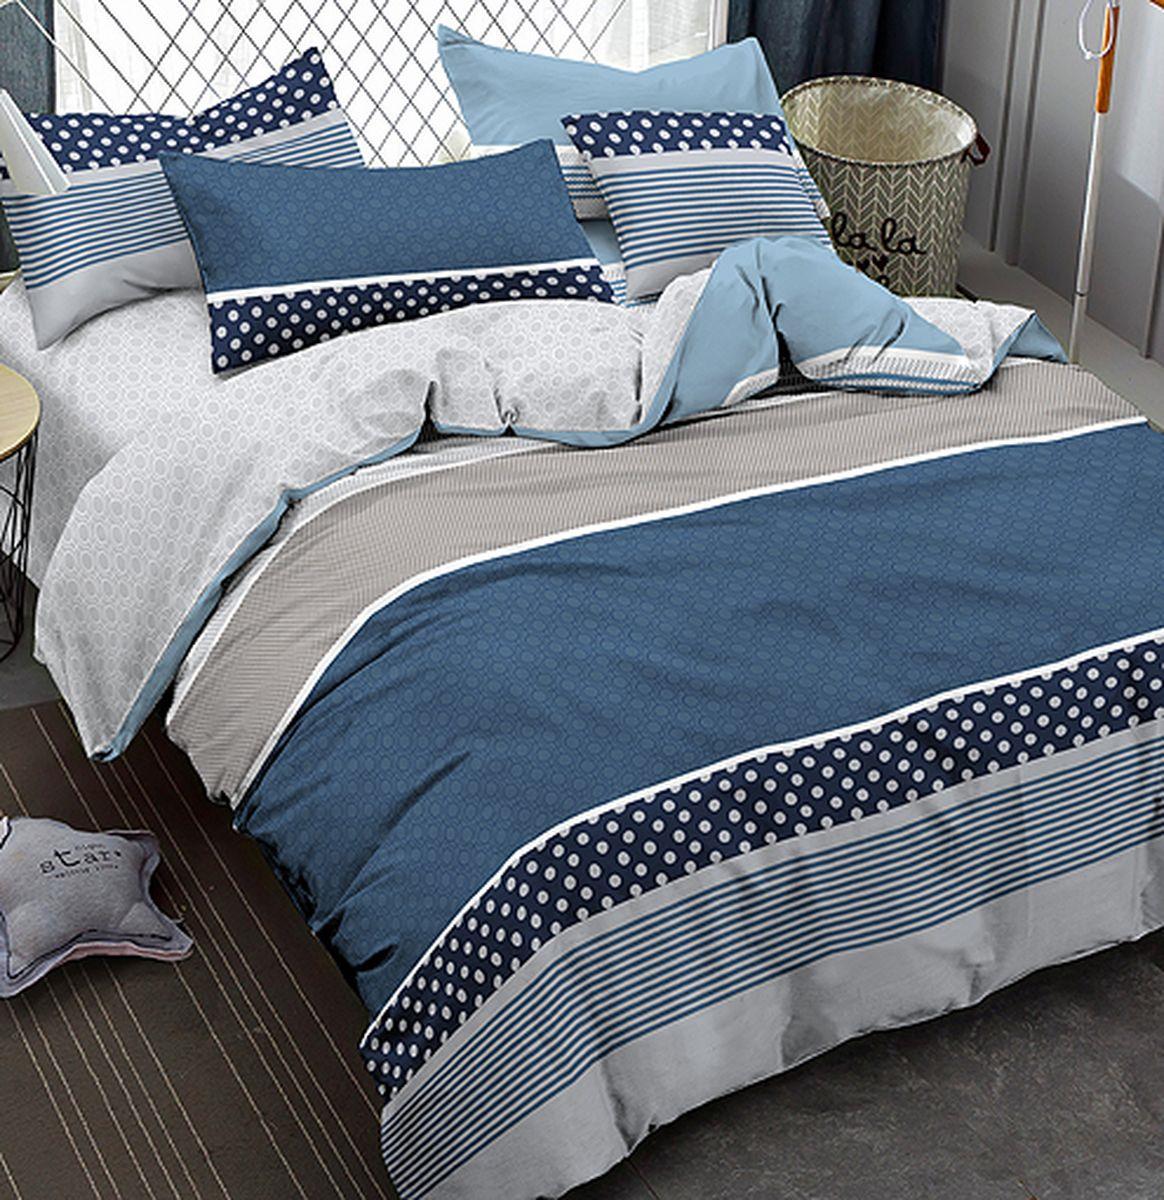 Комплект белья Amore Mio Gold Bulat, 7550, синий, 1,5-спальный, наволочки 70x70